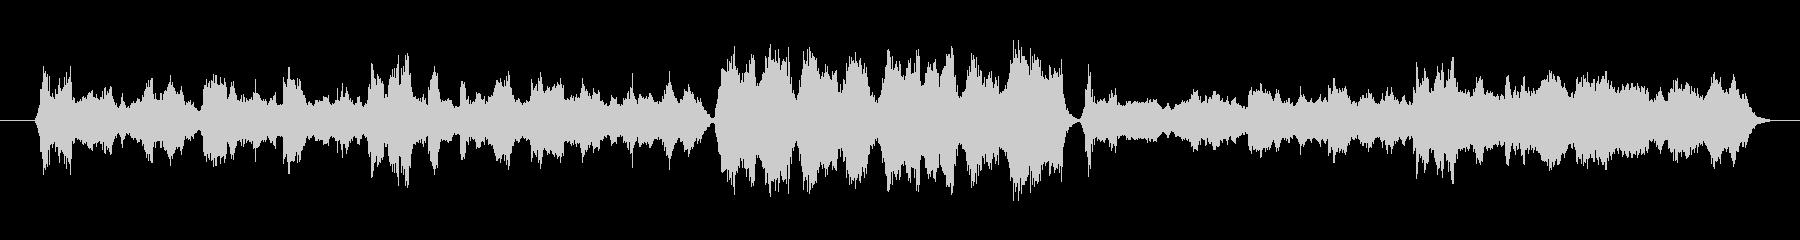 中国の片田舎で流れていそうなゆったり曲の未再生の波形